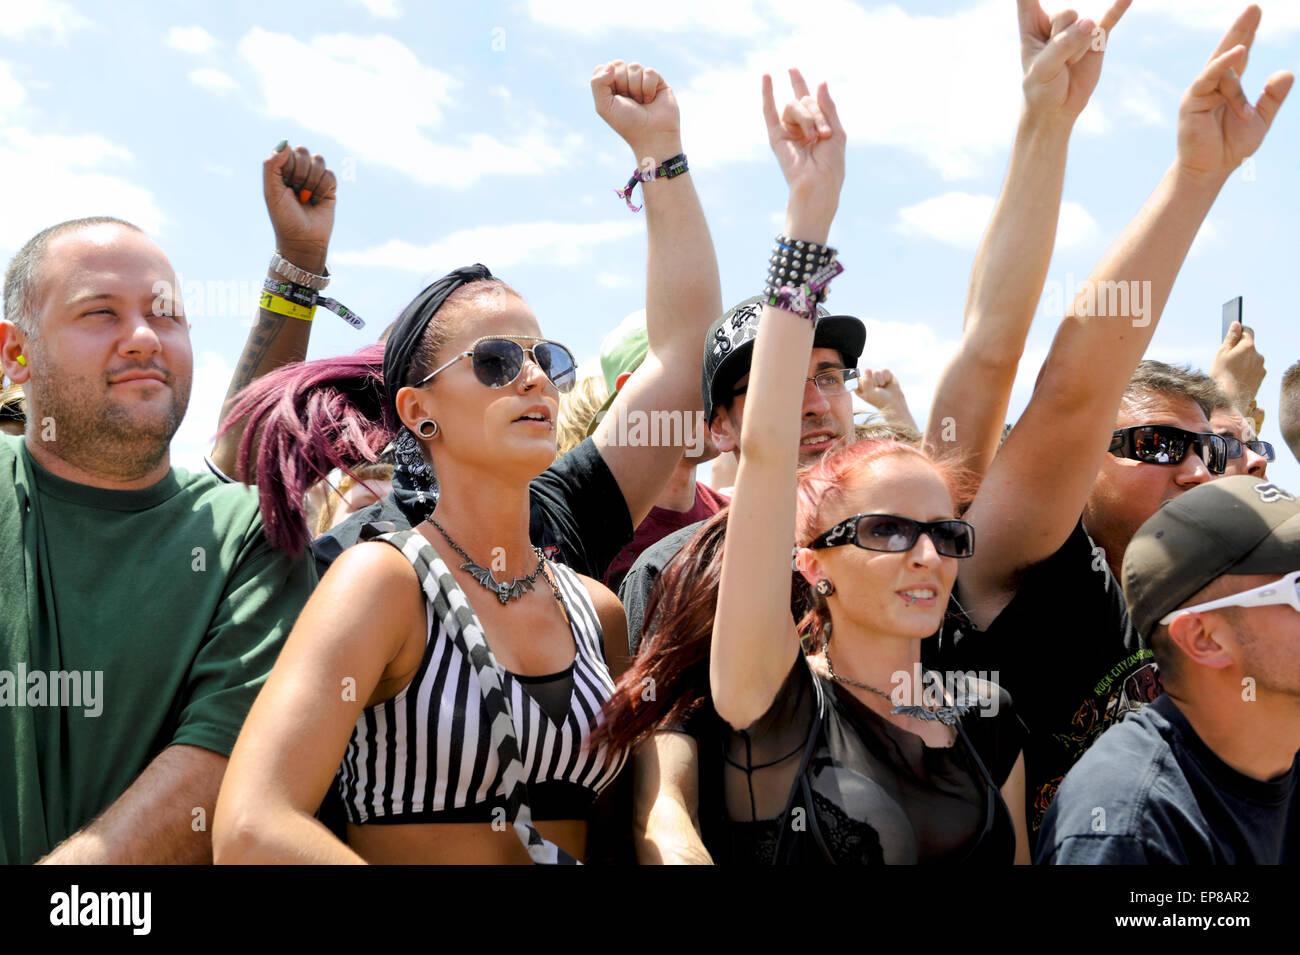 La rebelión de 2015 Monster Energy Carolina Music Festival, multitud, audiencia, ventiladores, personas. Imagen De Stock